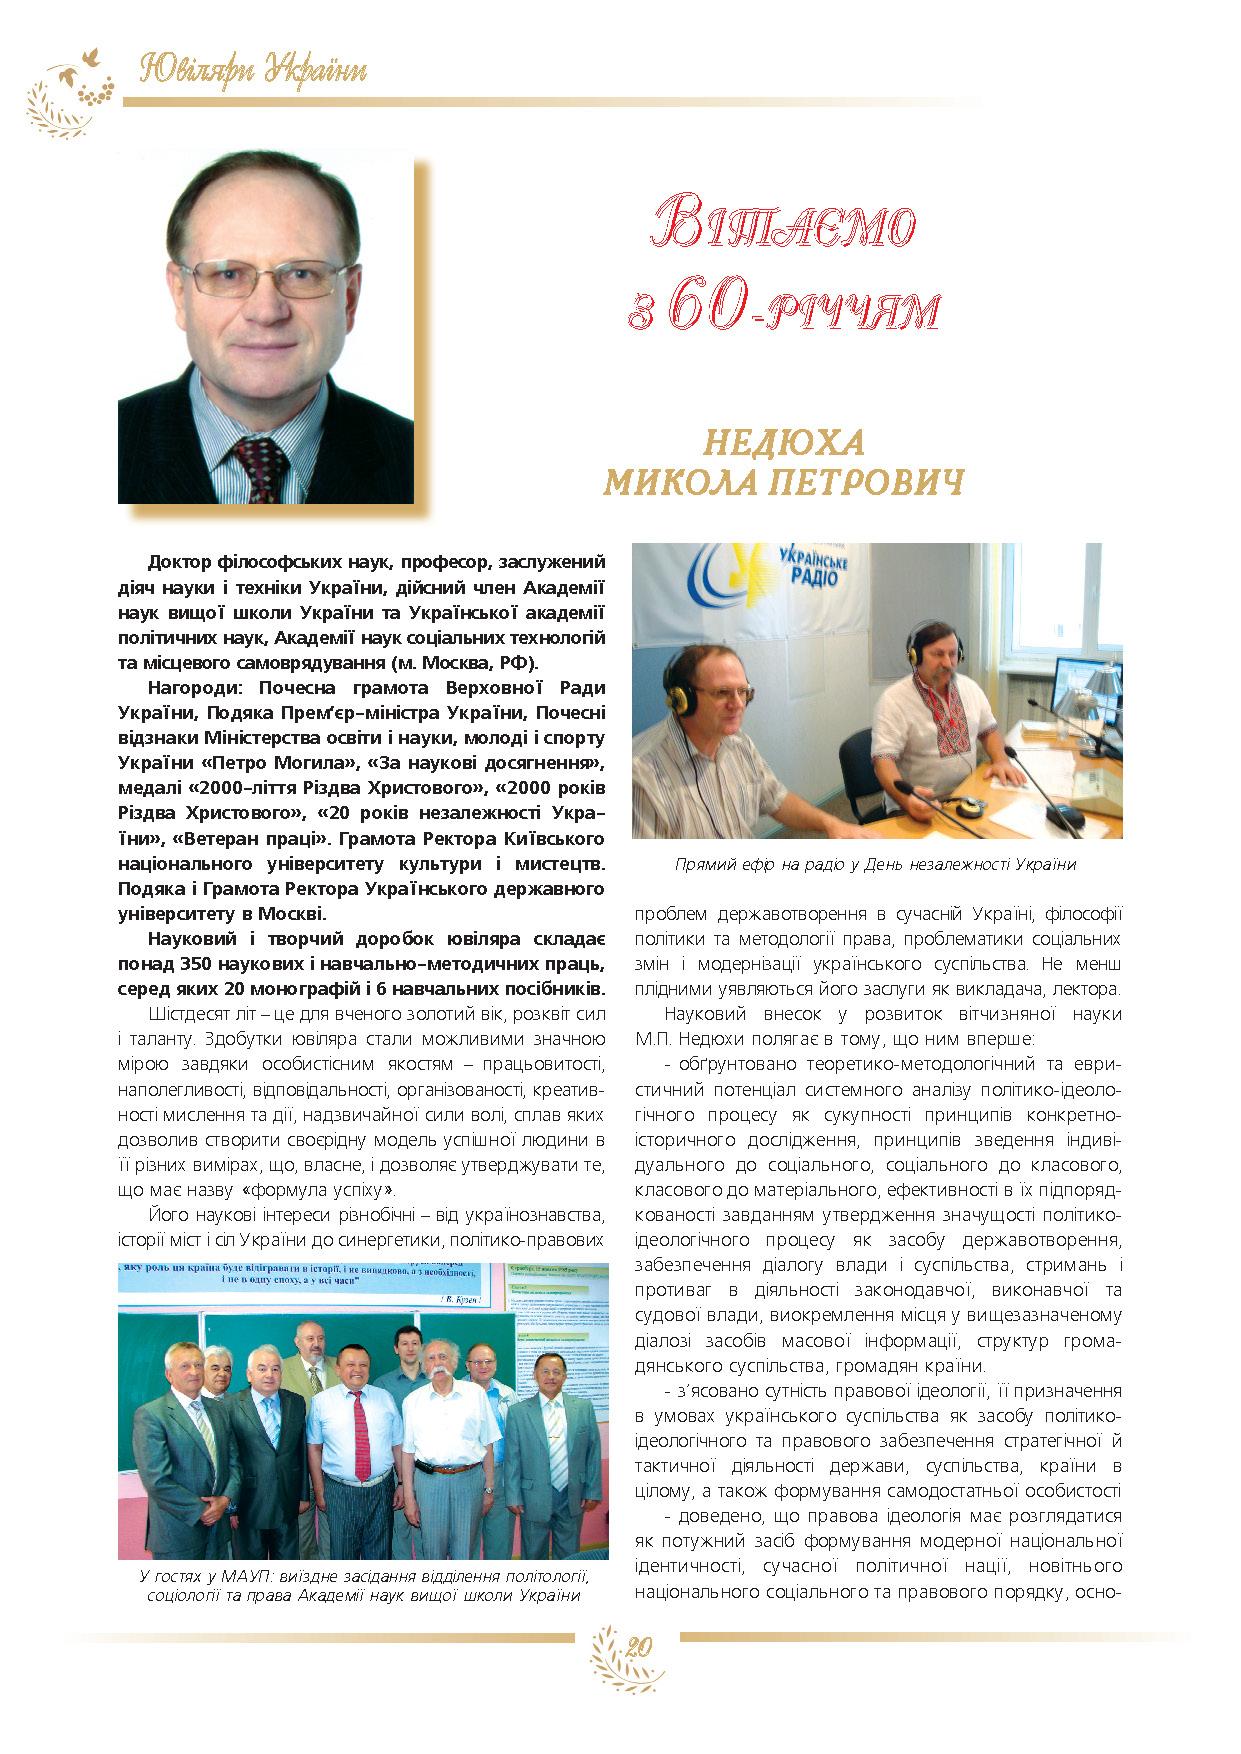 Недюха Микола Петрович